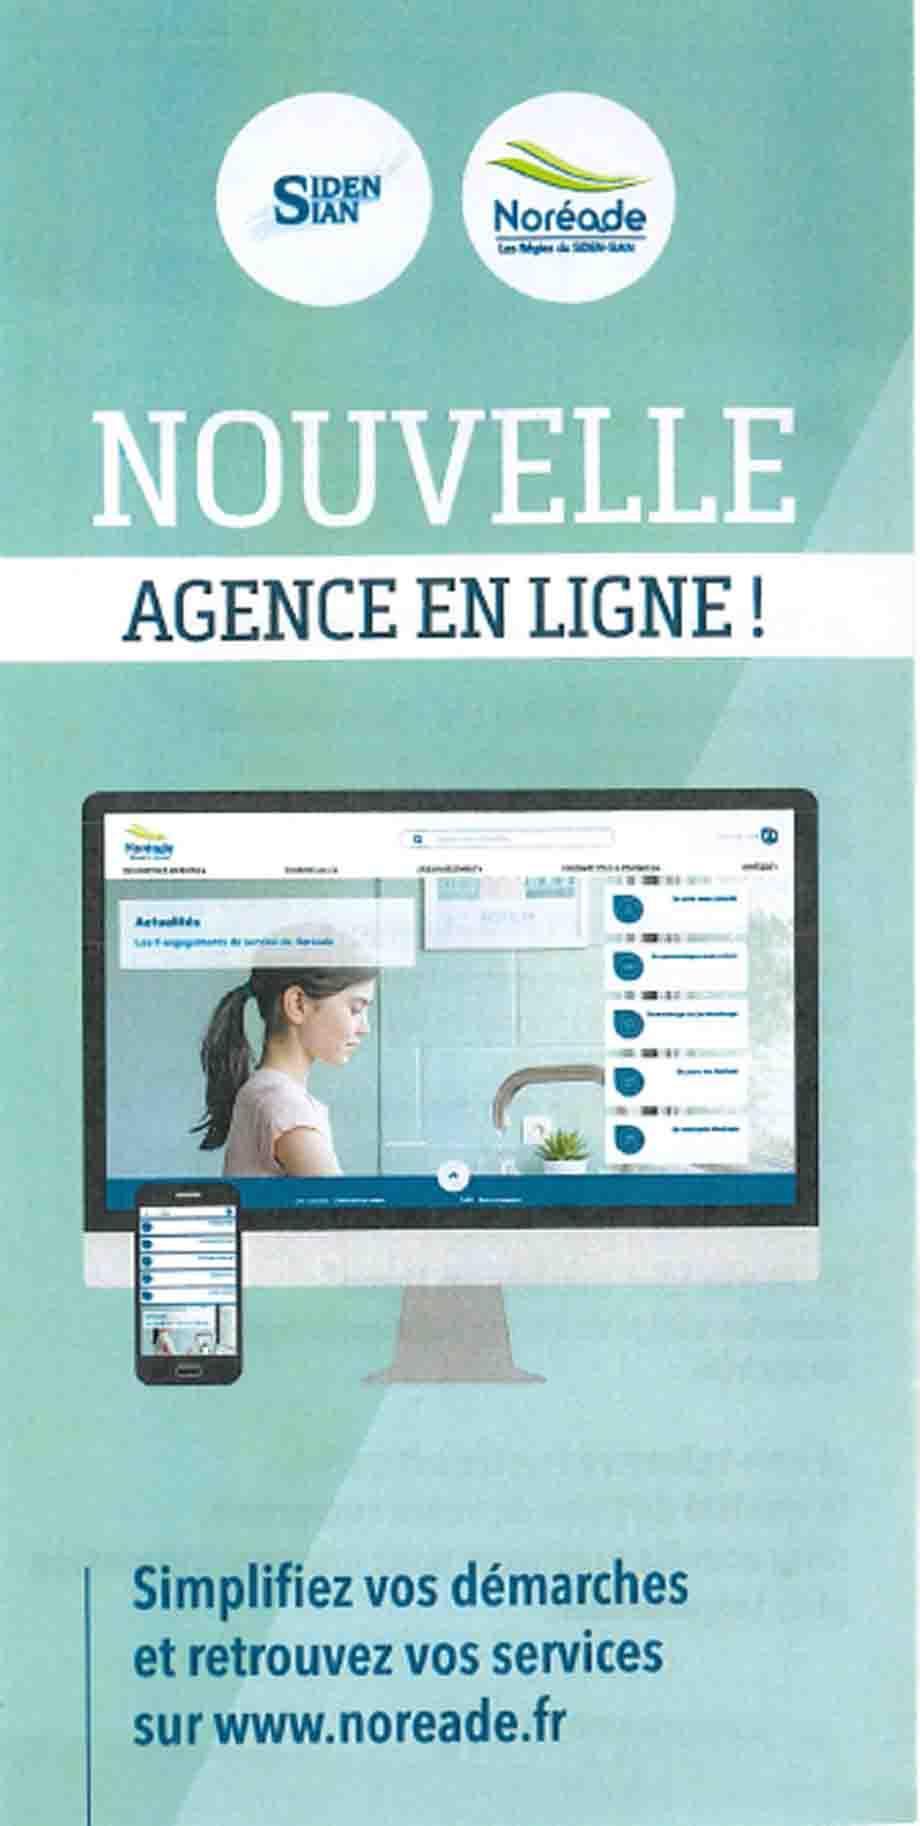 Agence en ligne 1